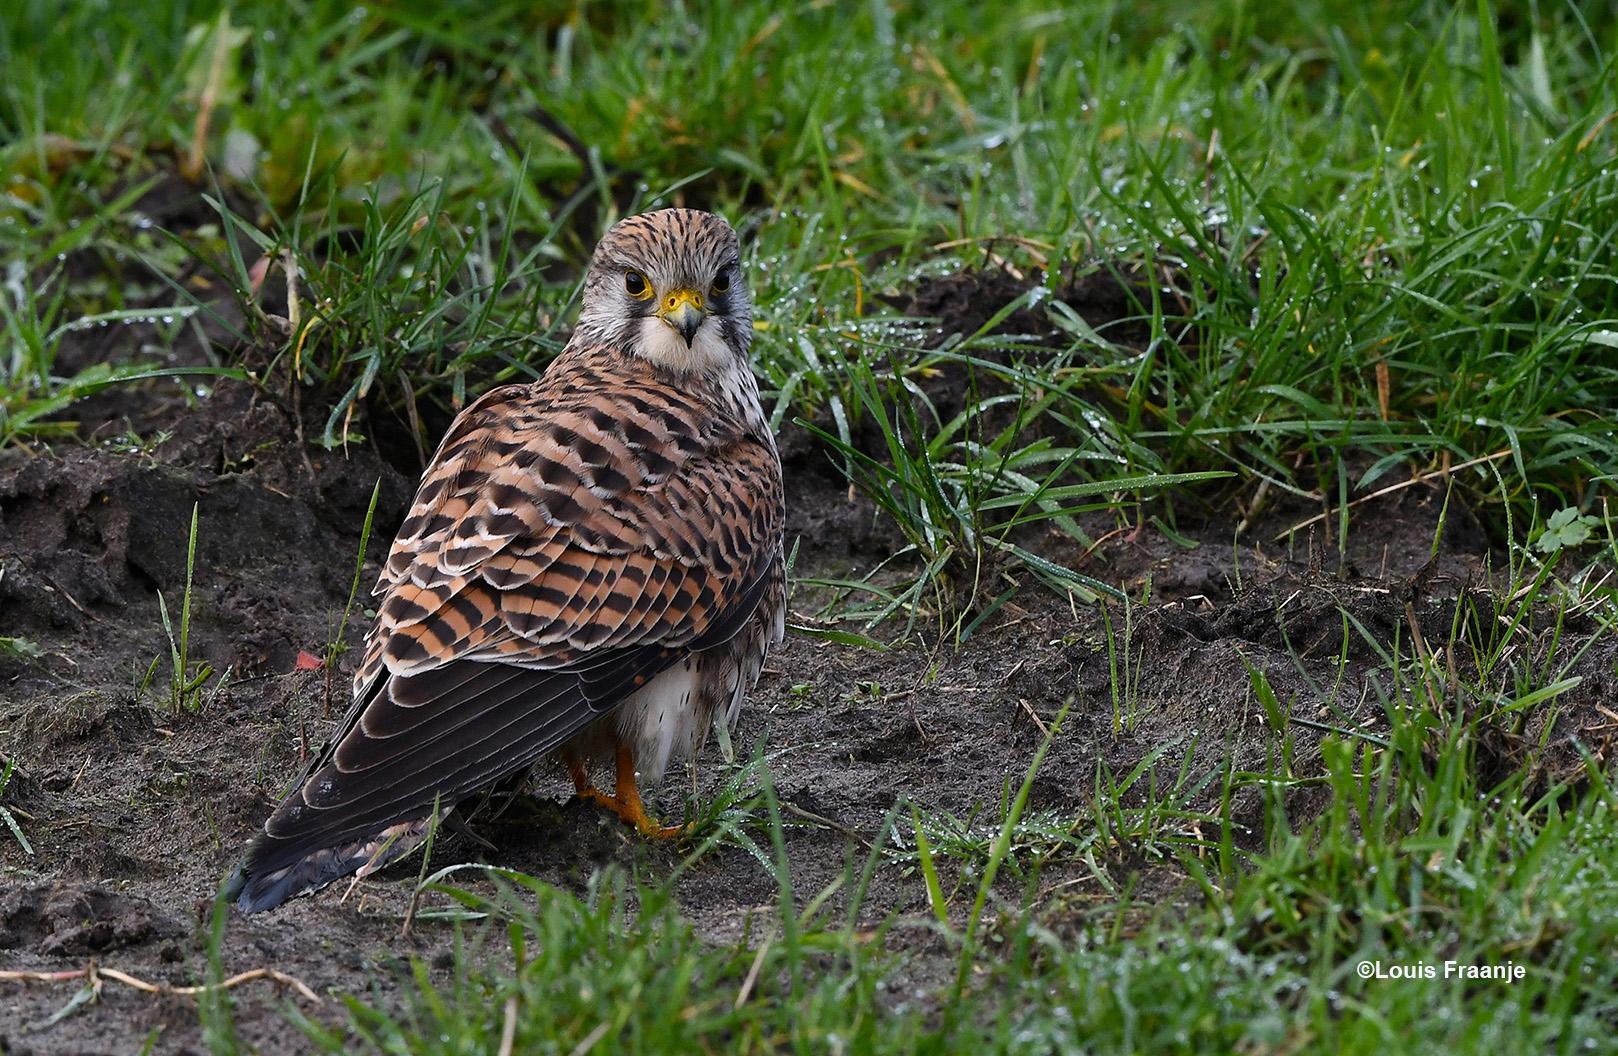 Zo stonden we onverwachts 'oog in oog' met een torenvalk, die op een stil plekje in het gras zat - Foto: ©Louis Fraanje